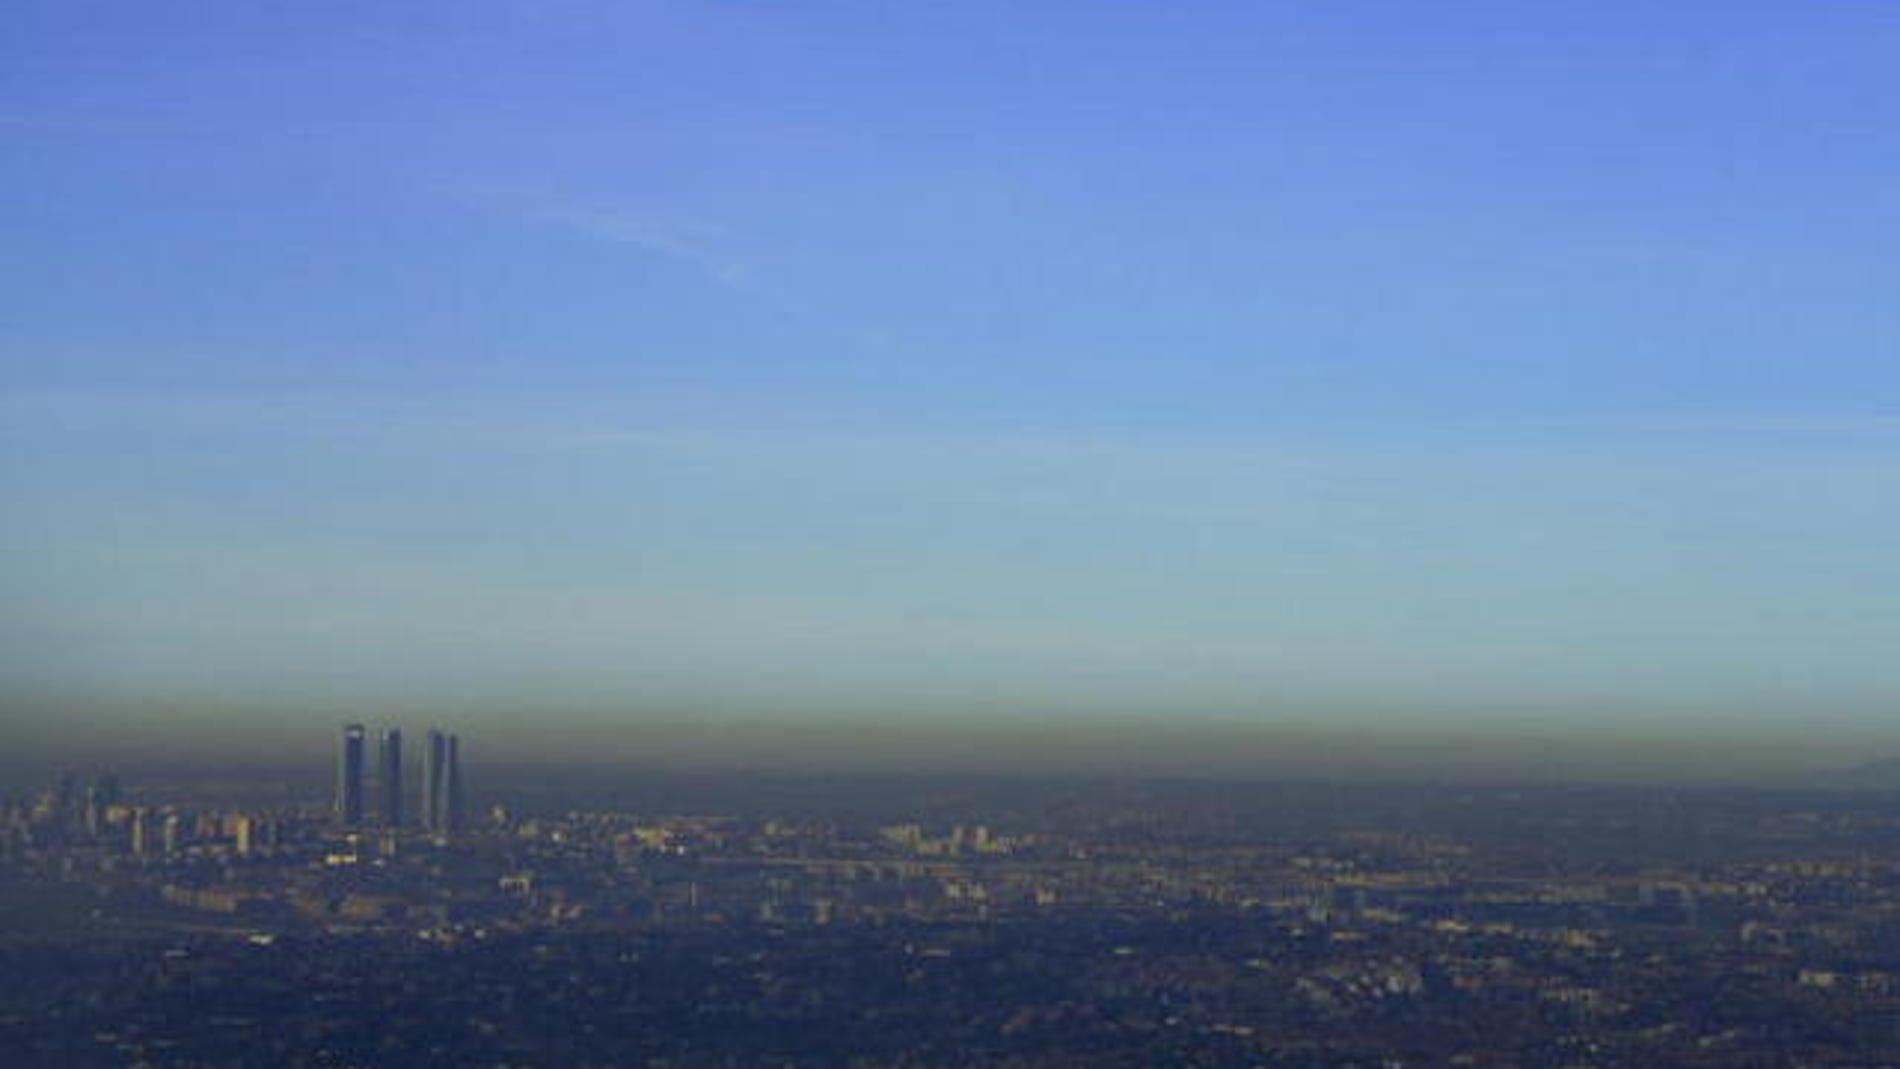 Madrid-excede-los-limites-legales-de-contaminacion-por-sexto-ano-consecutivo.jpg